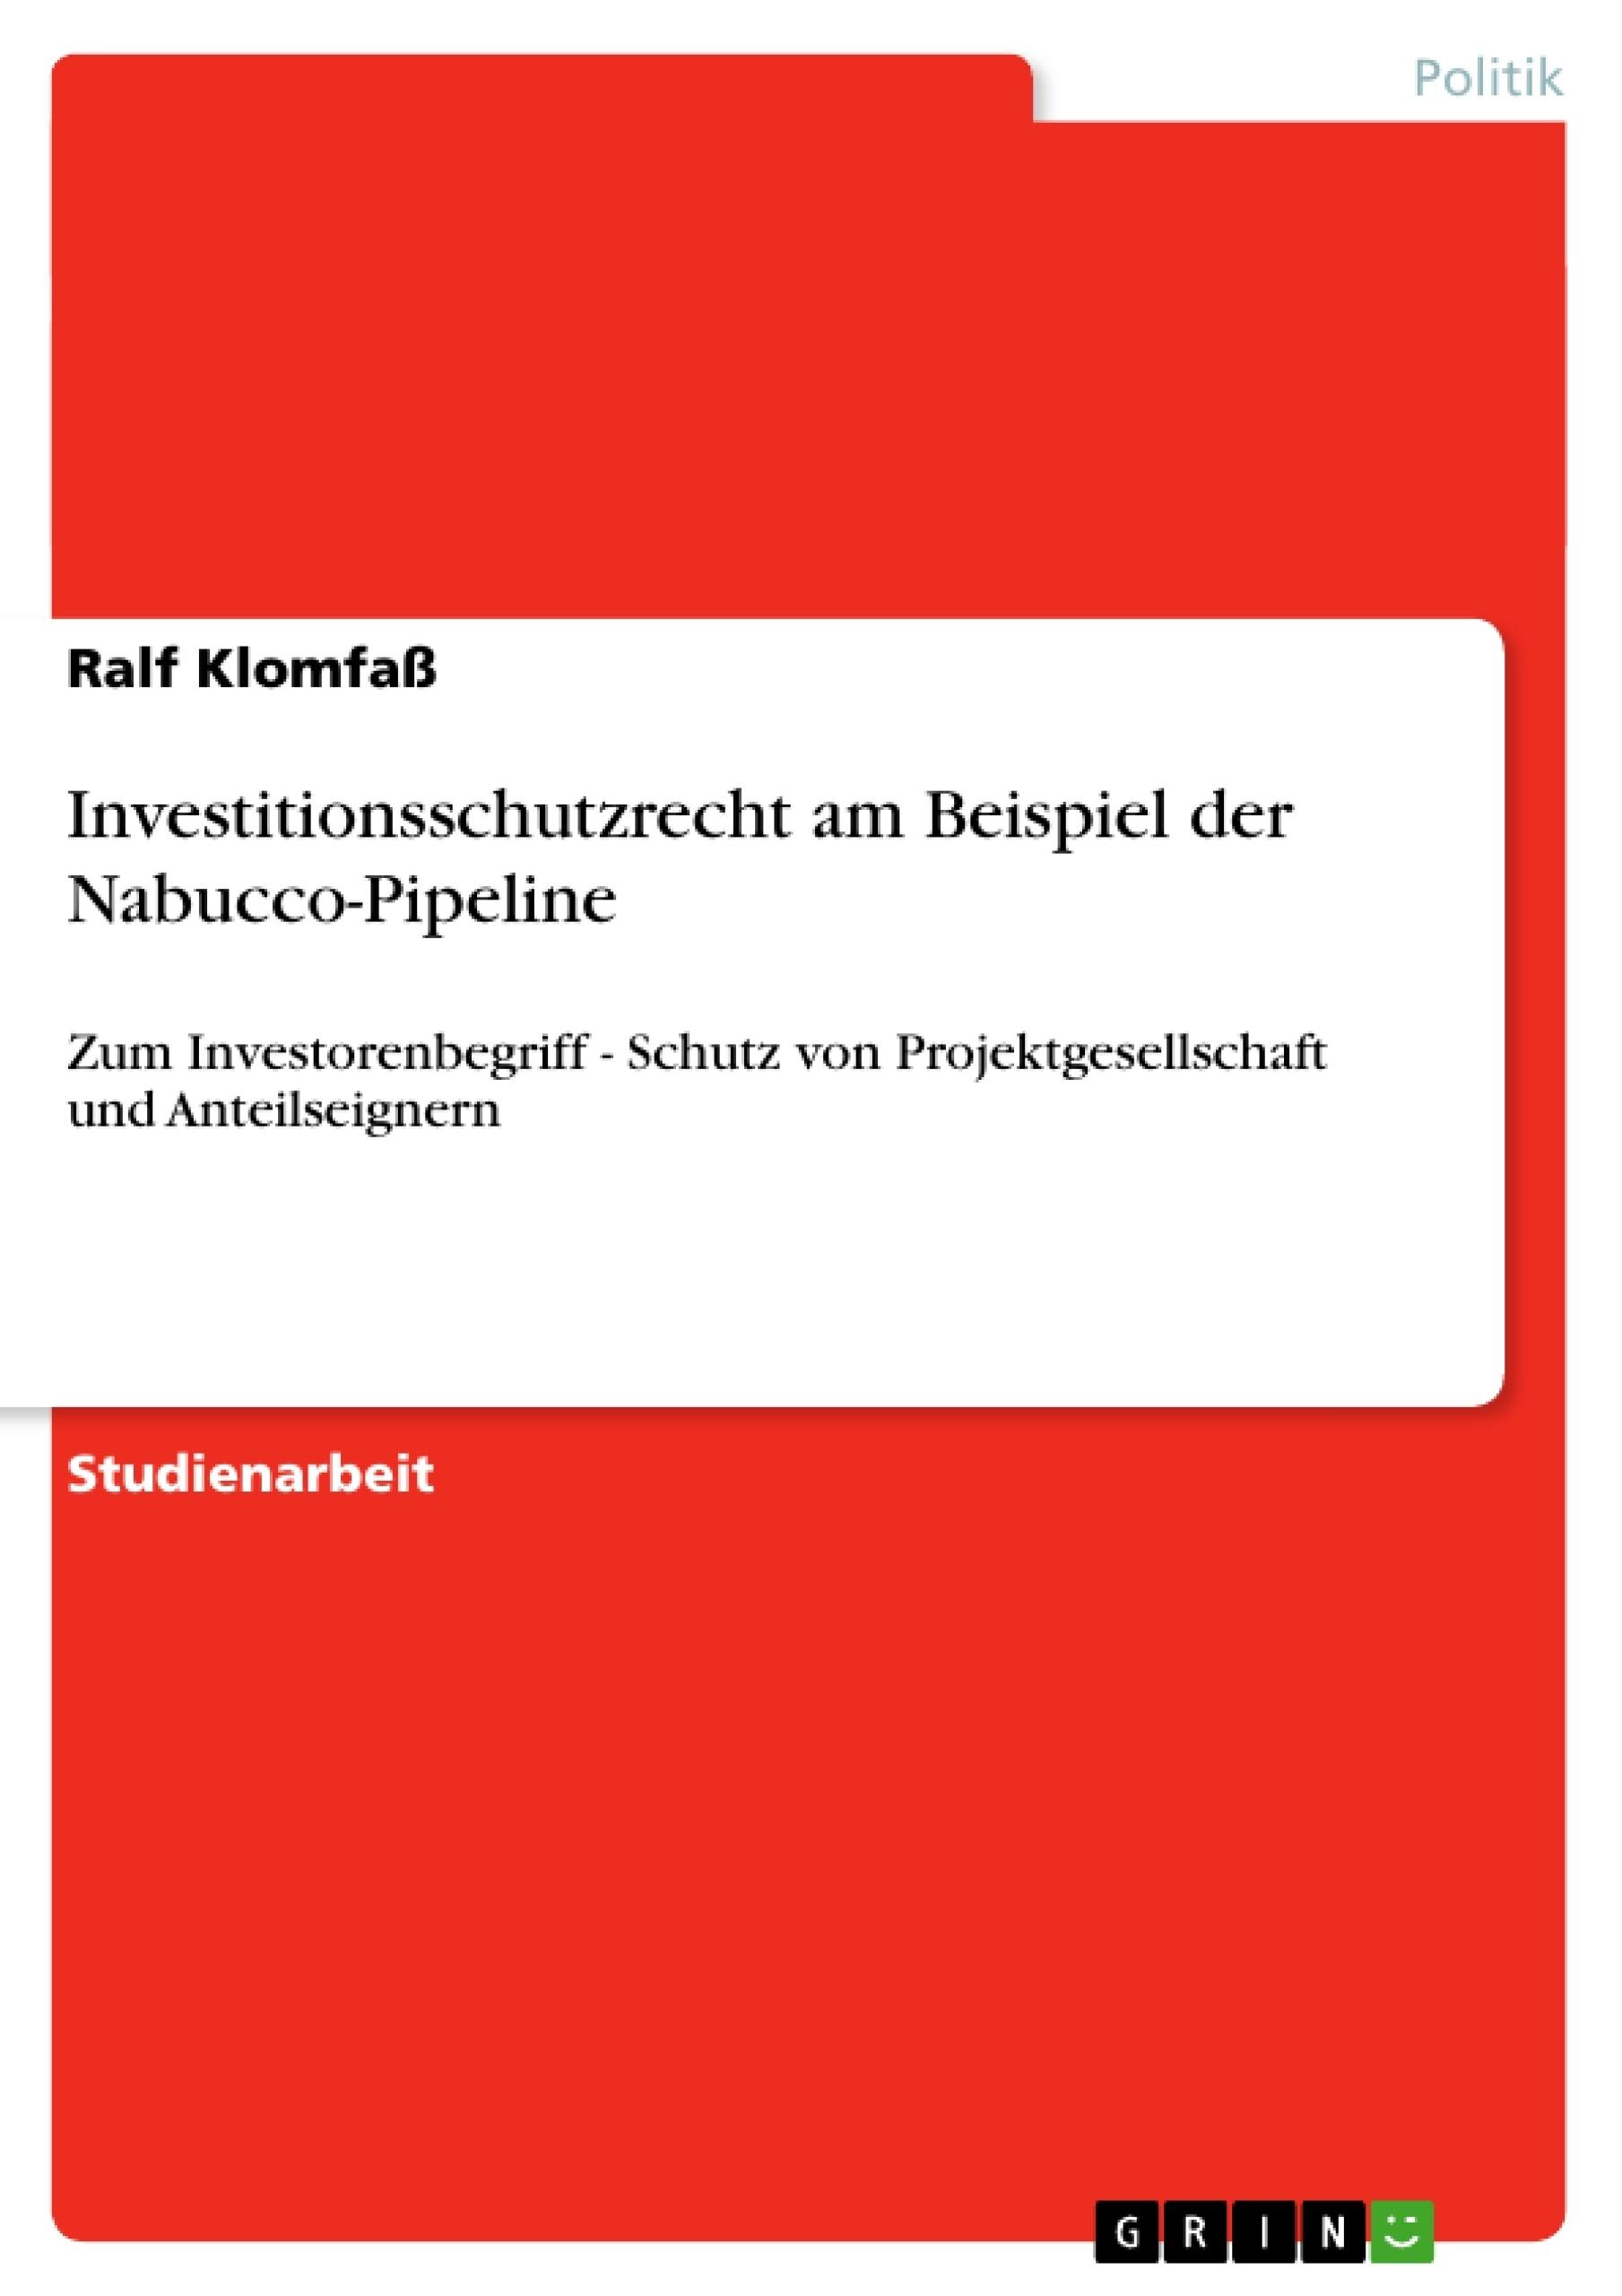 Titel: Investitionsschutzrecht am Beispiel der Nabucco-Pipeline